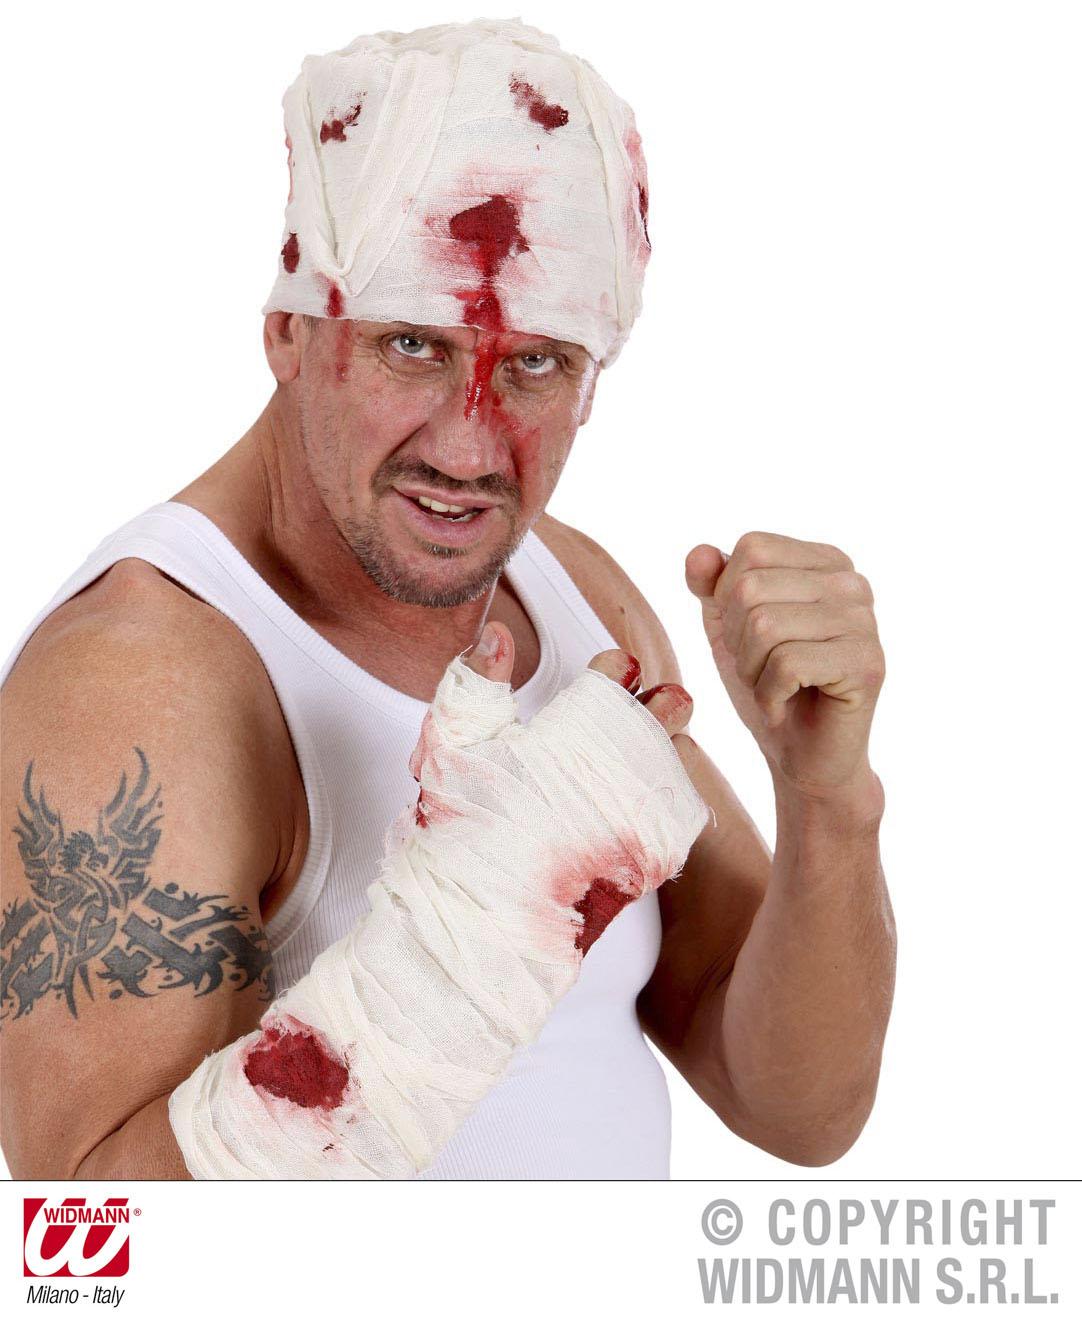 Blutender Kopfverband, Armverband, Halloween, Grusel Horror